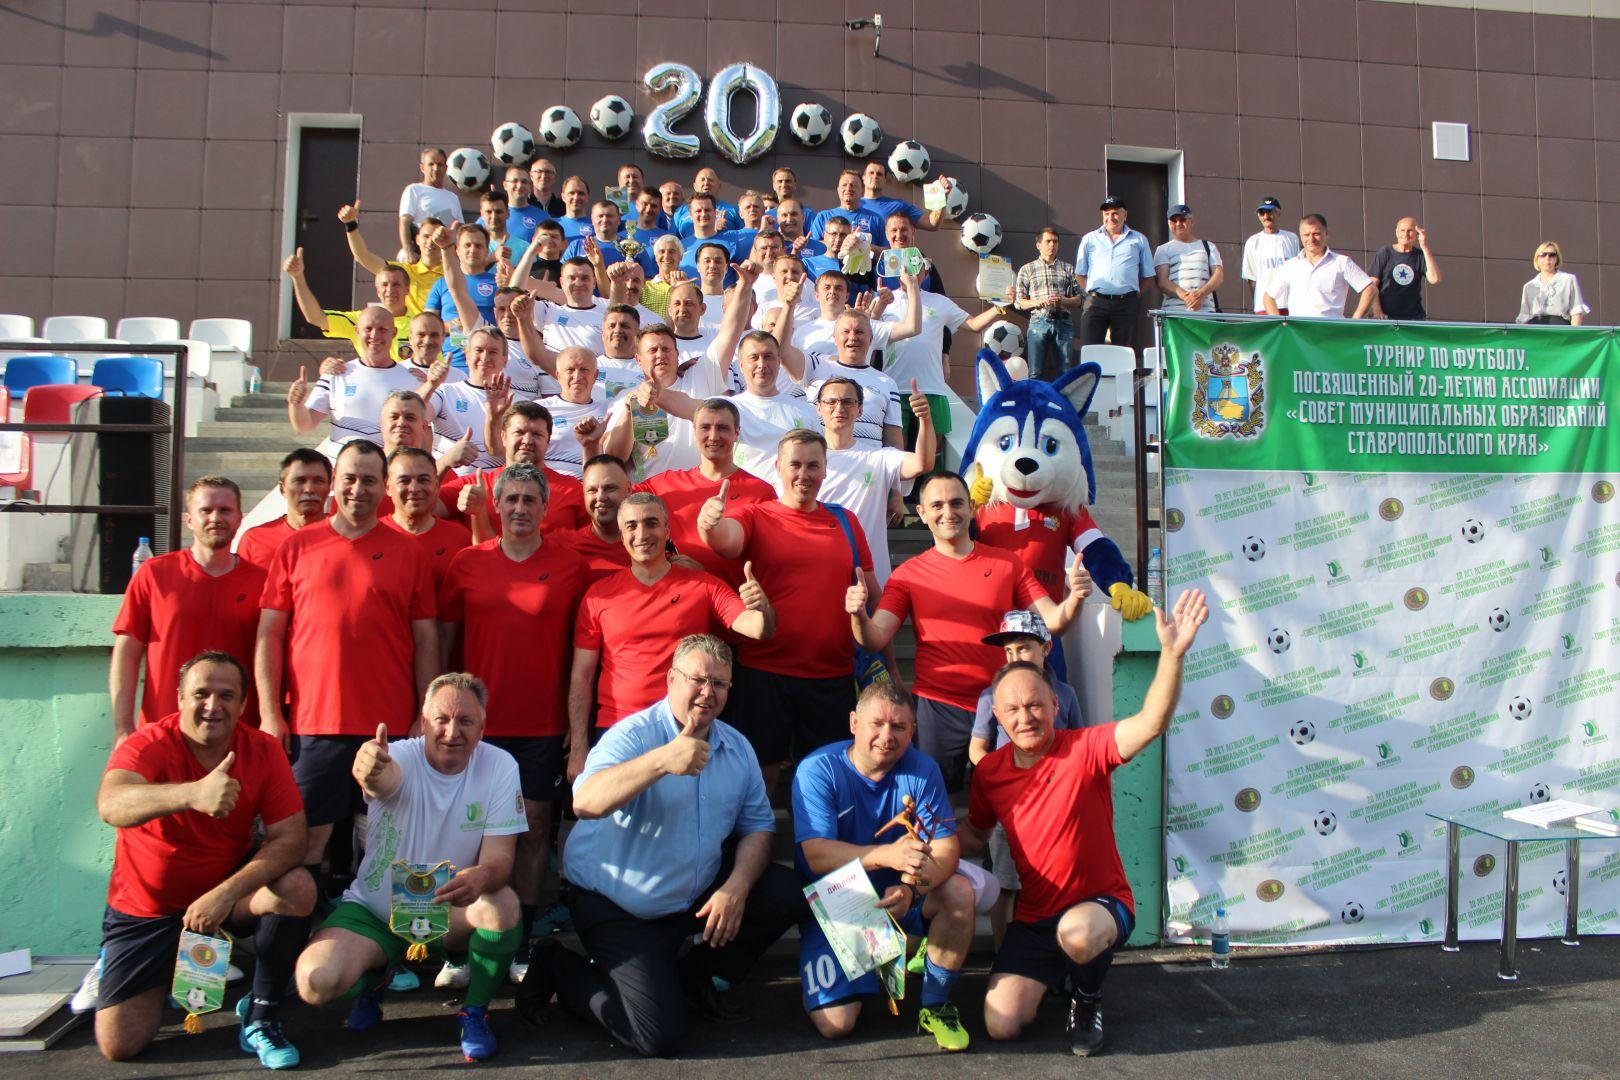 Сборная правительства Ставрополья одержала победу в региональном футбольном турнире